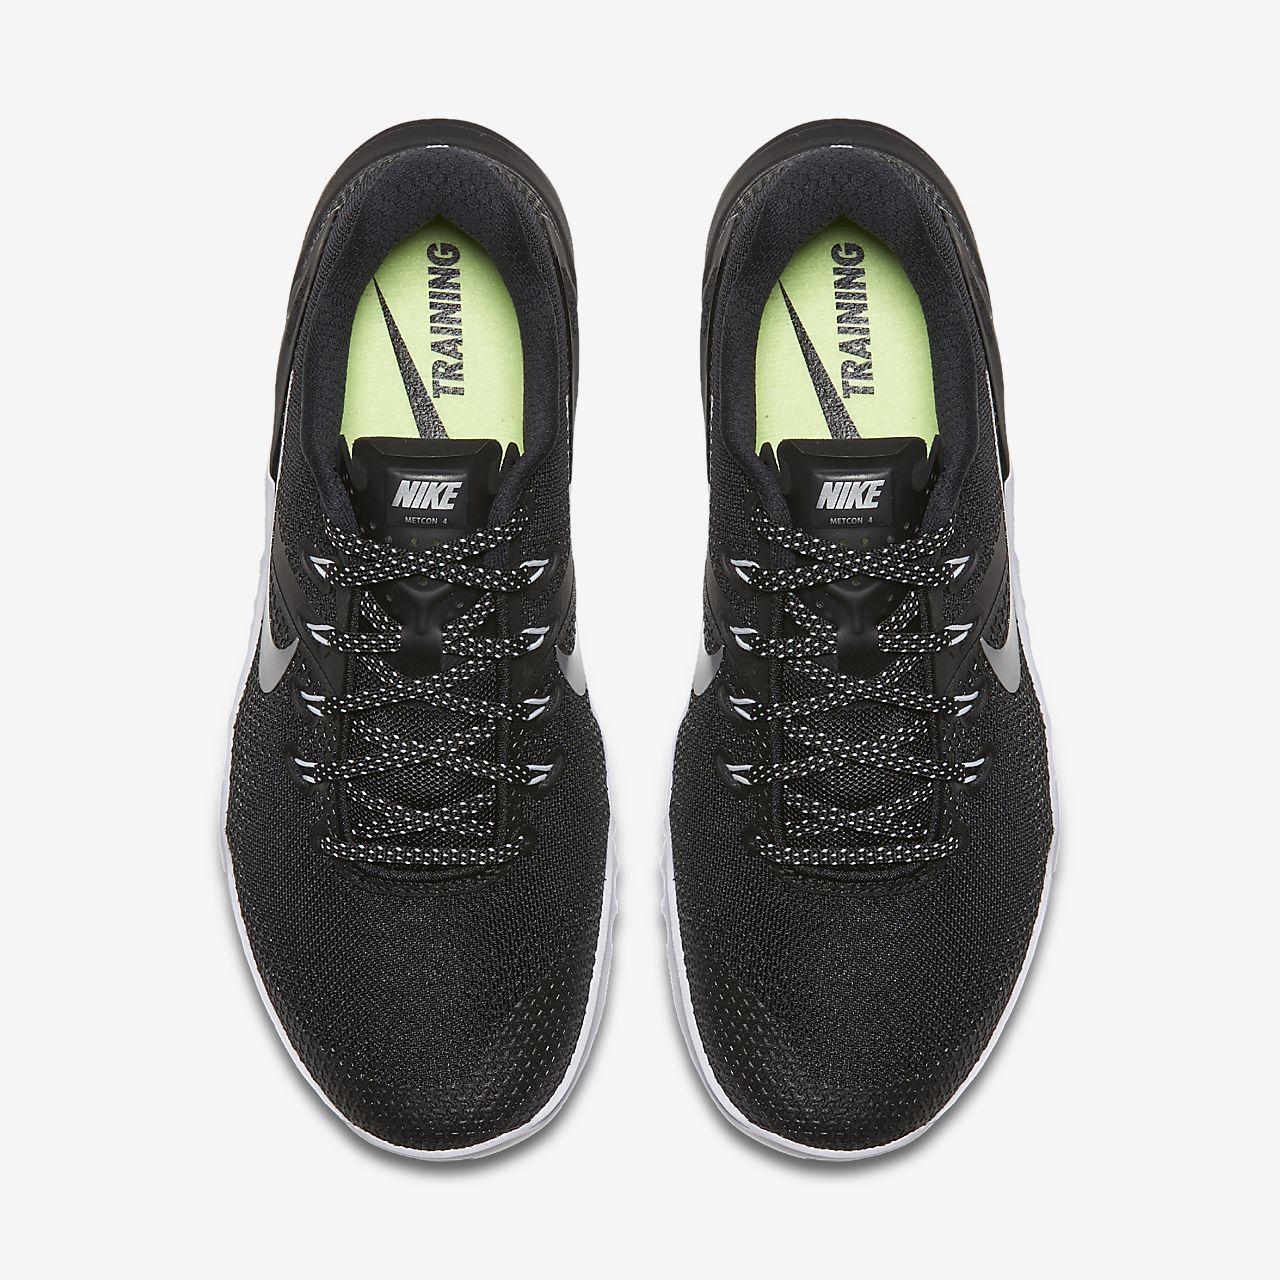 online store 284ce 9a8b6 ... Chaussure de cross-training et de renforcement musculaire Nike Metcon 4  pour Femme